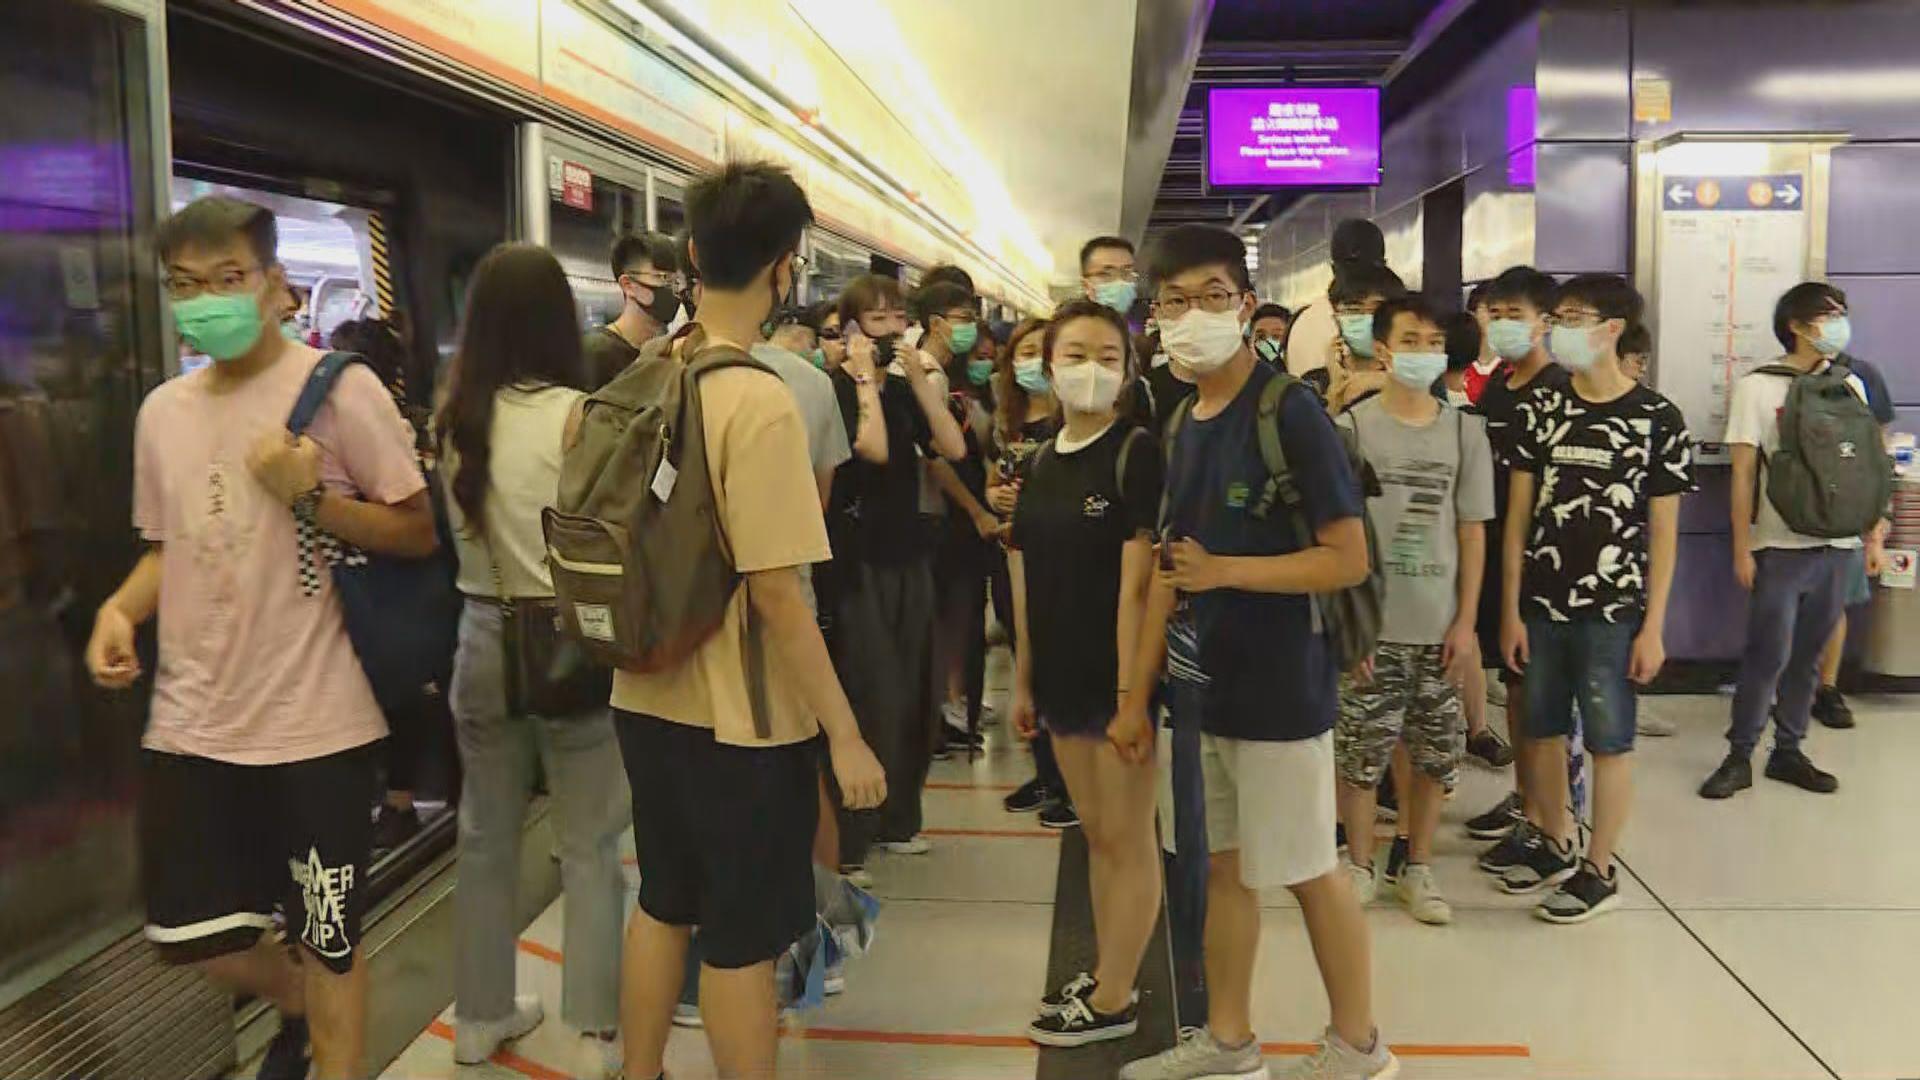 【最新】港鐵東涌綫全綫即時暫停服務